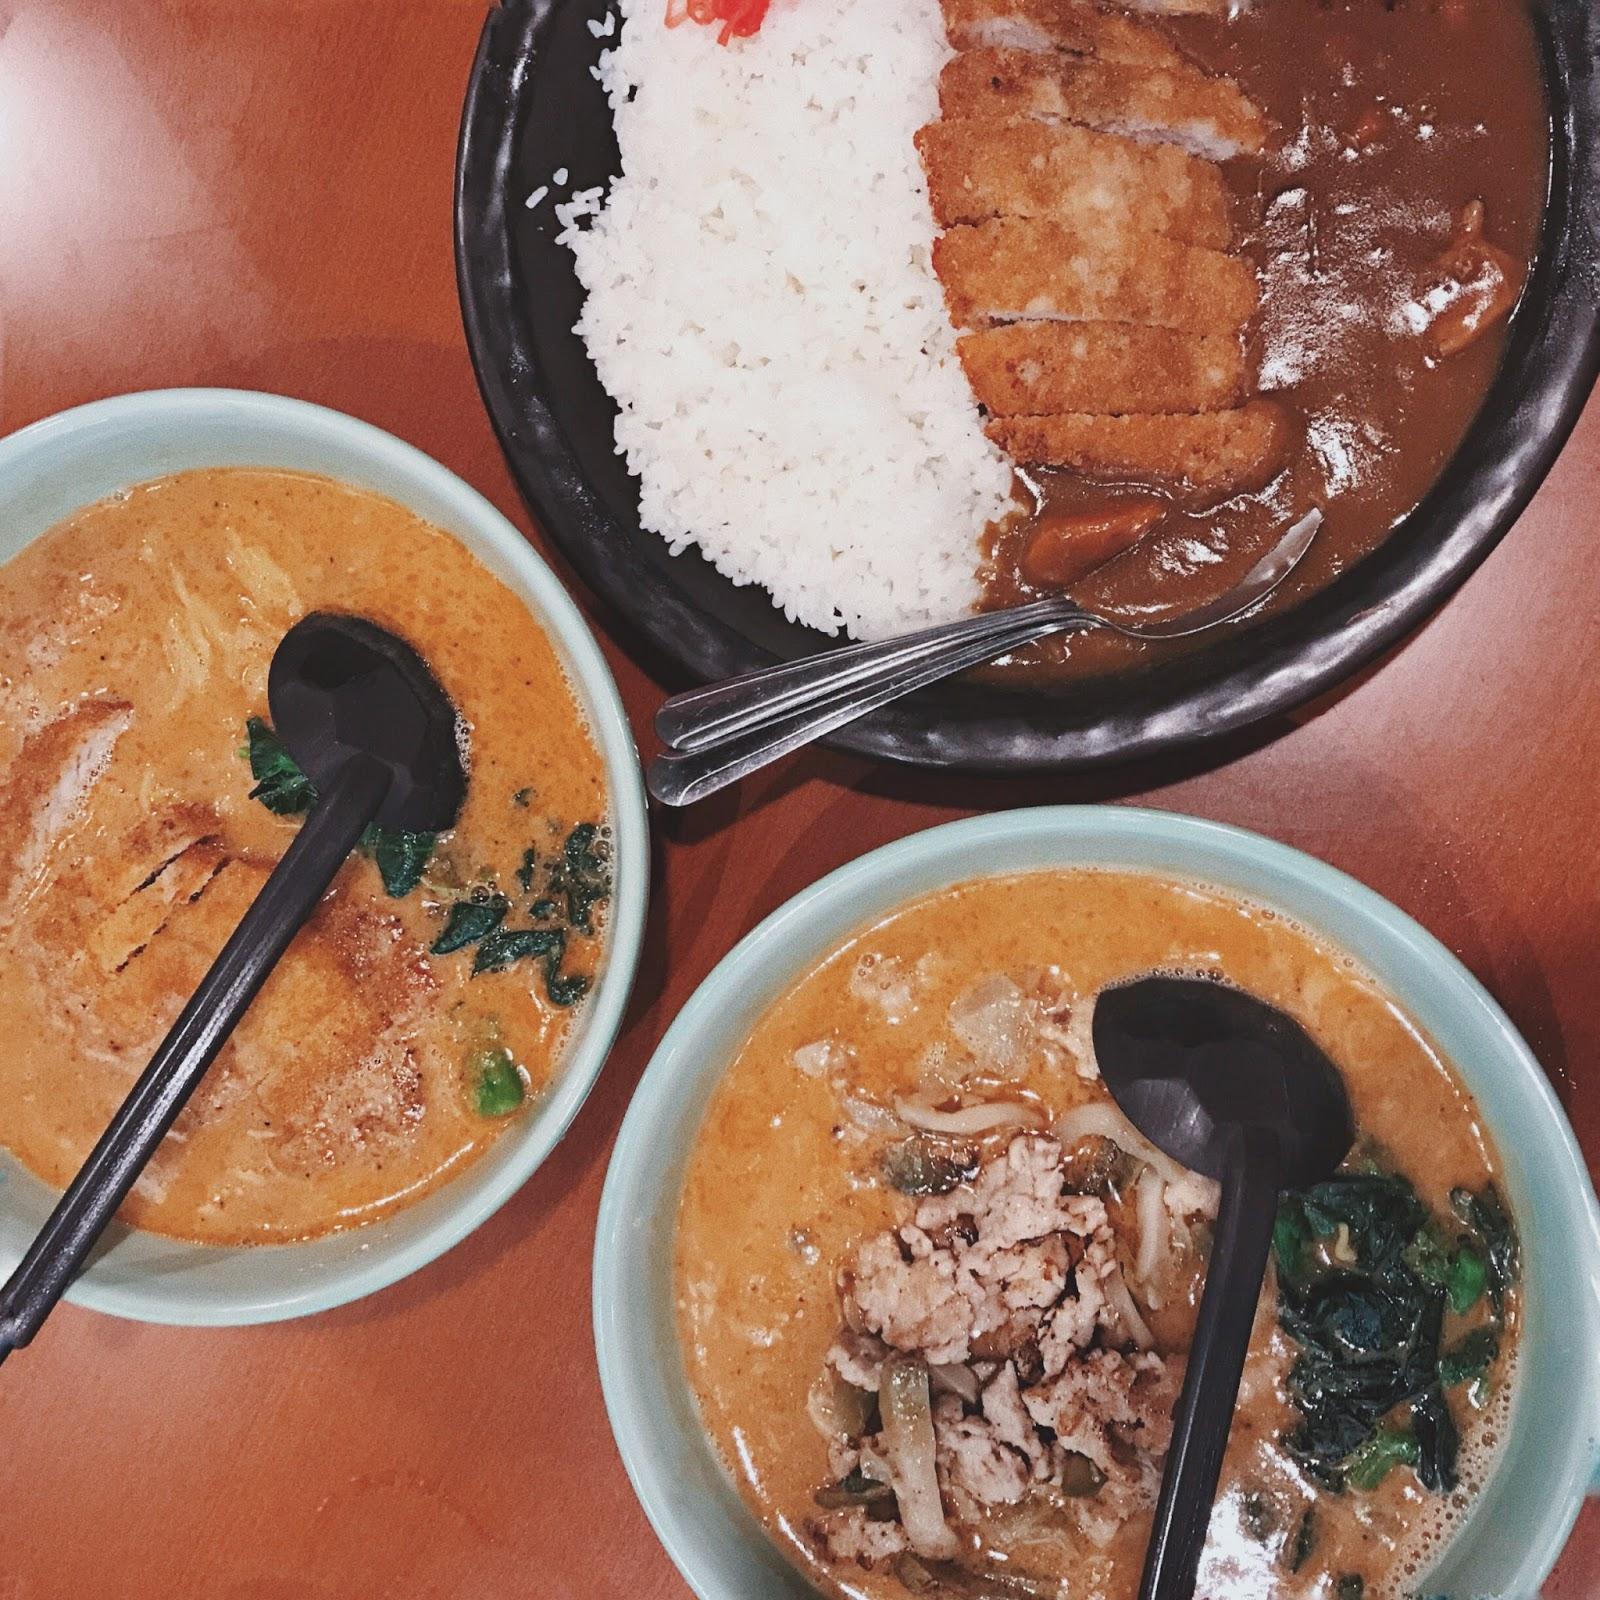 OAHU FOOD GUIDE | AESTE BLANC